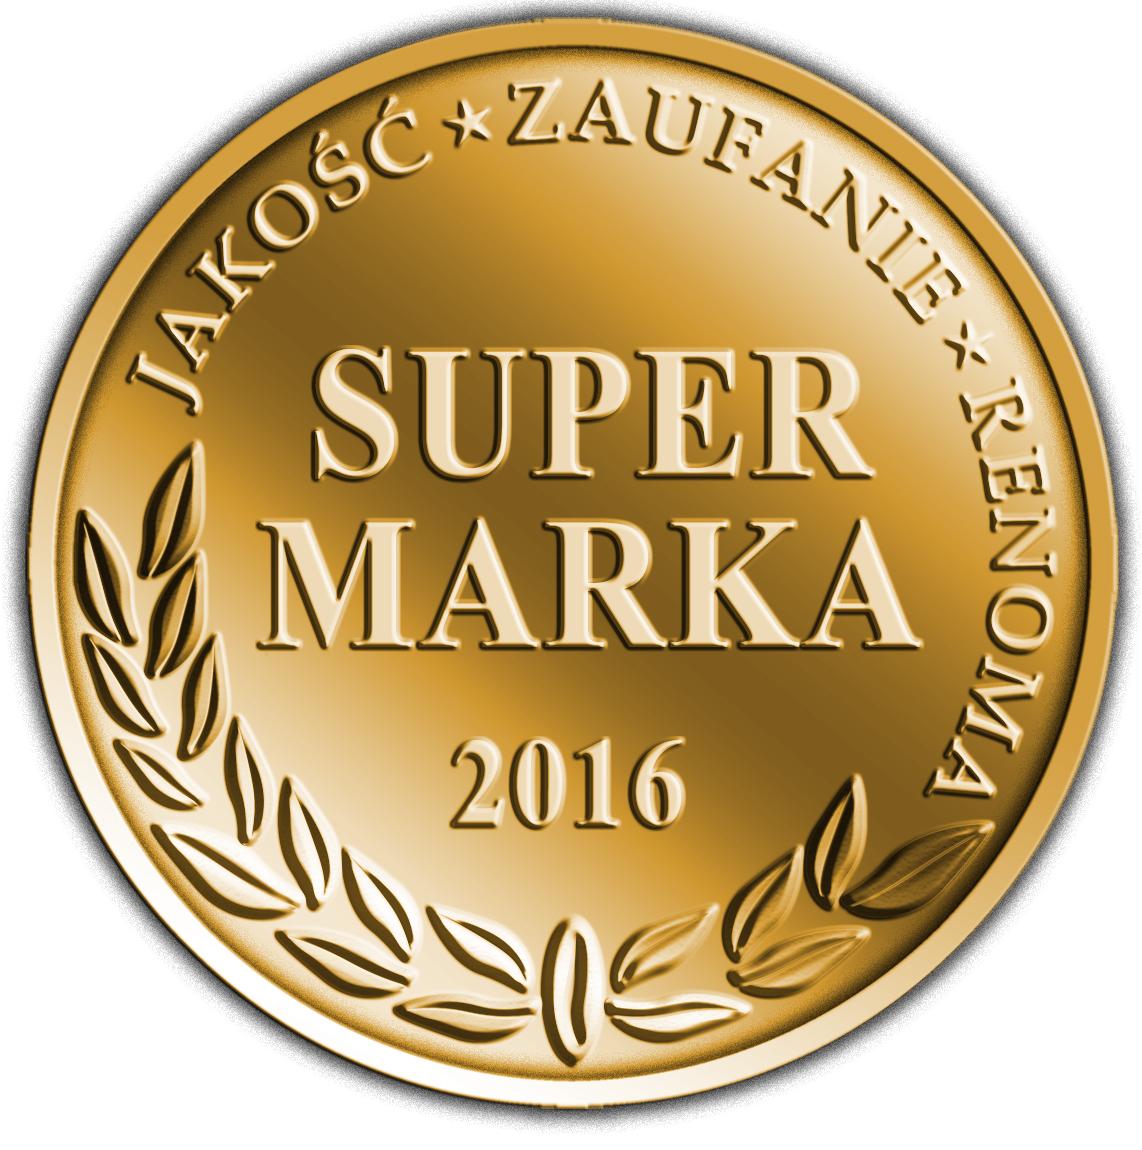 Super Marka 2016